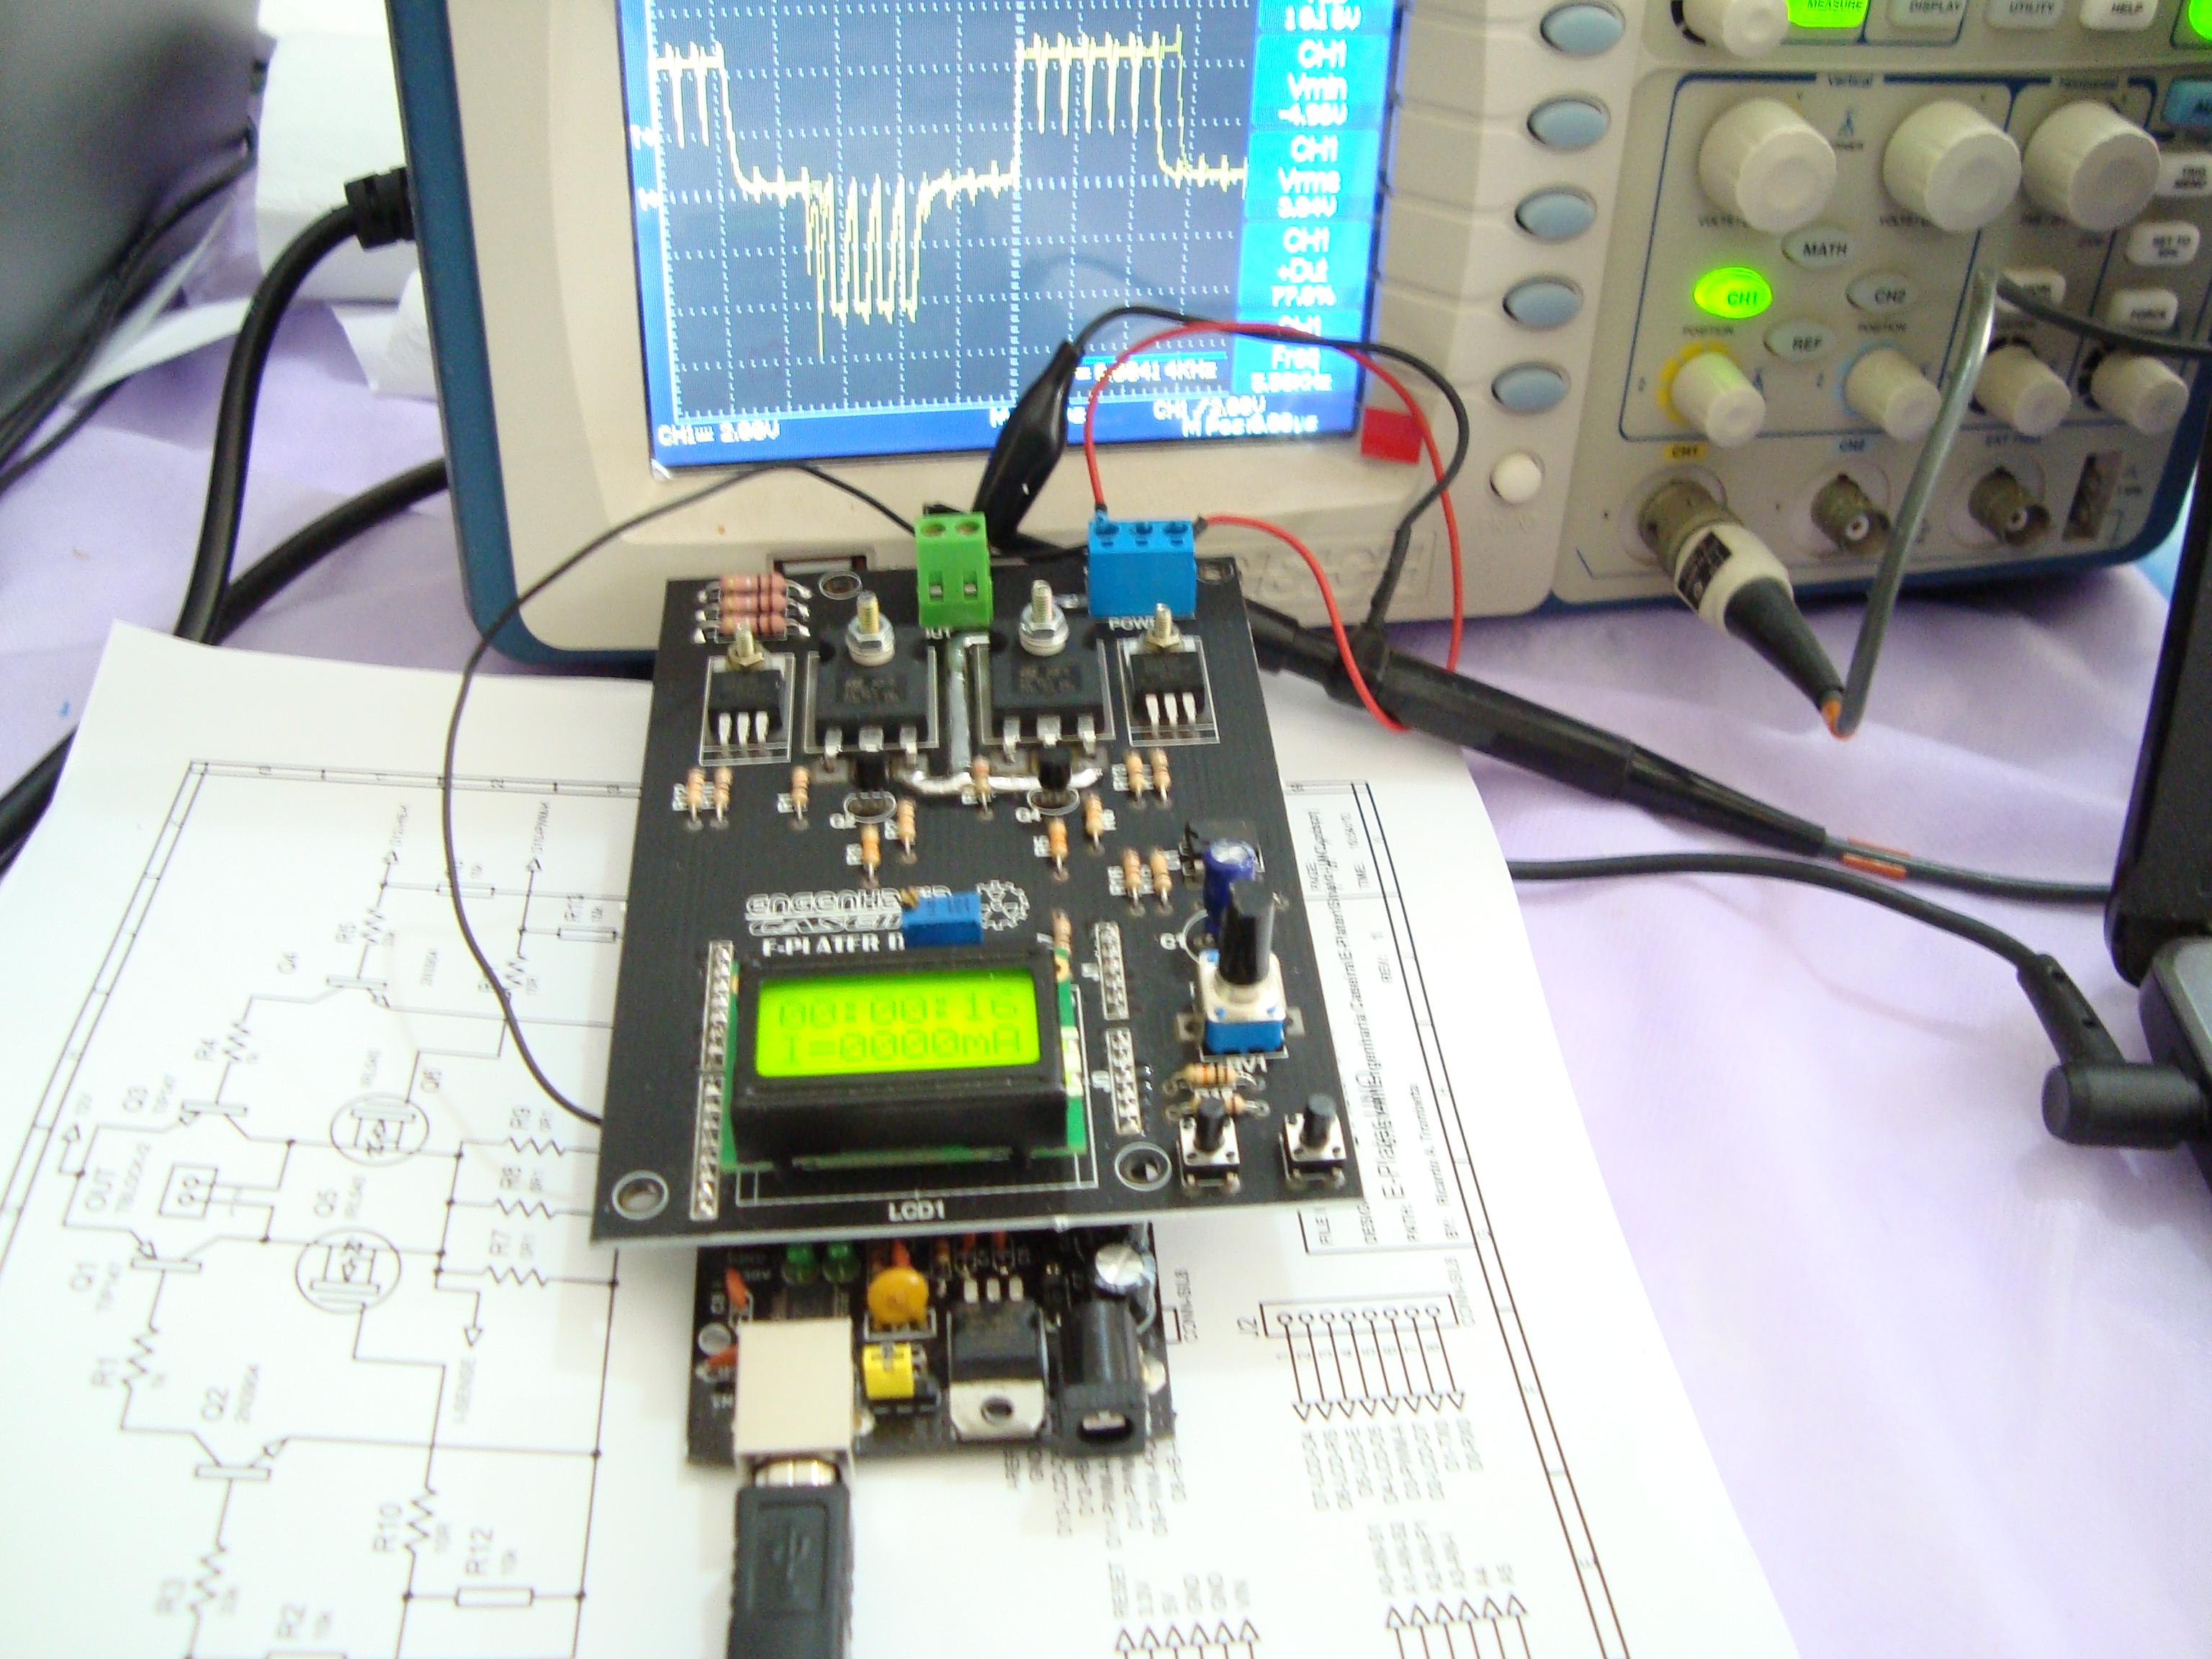 Testes do novo E-Plater para eletrodeposição pulsada